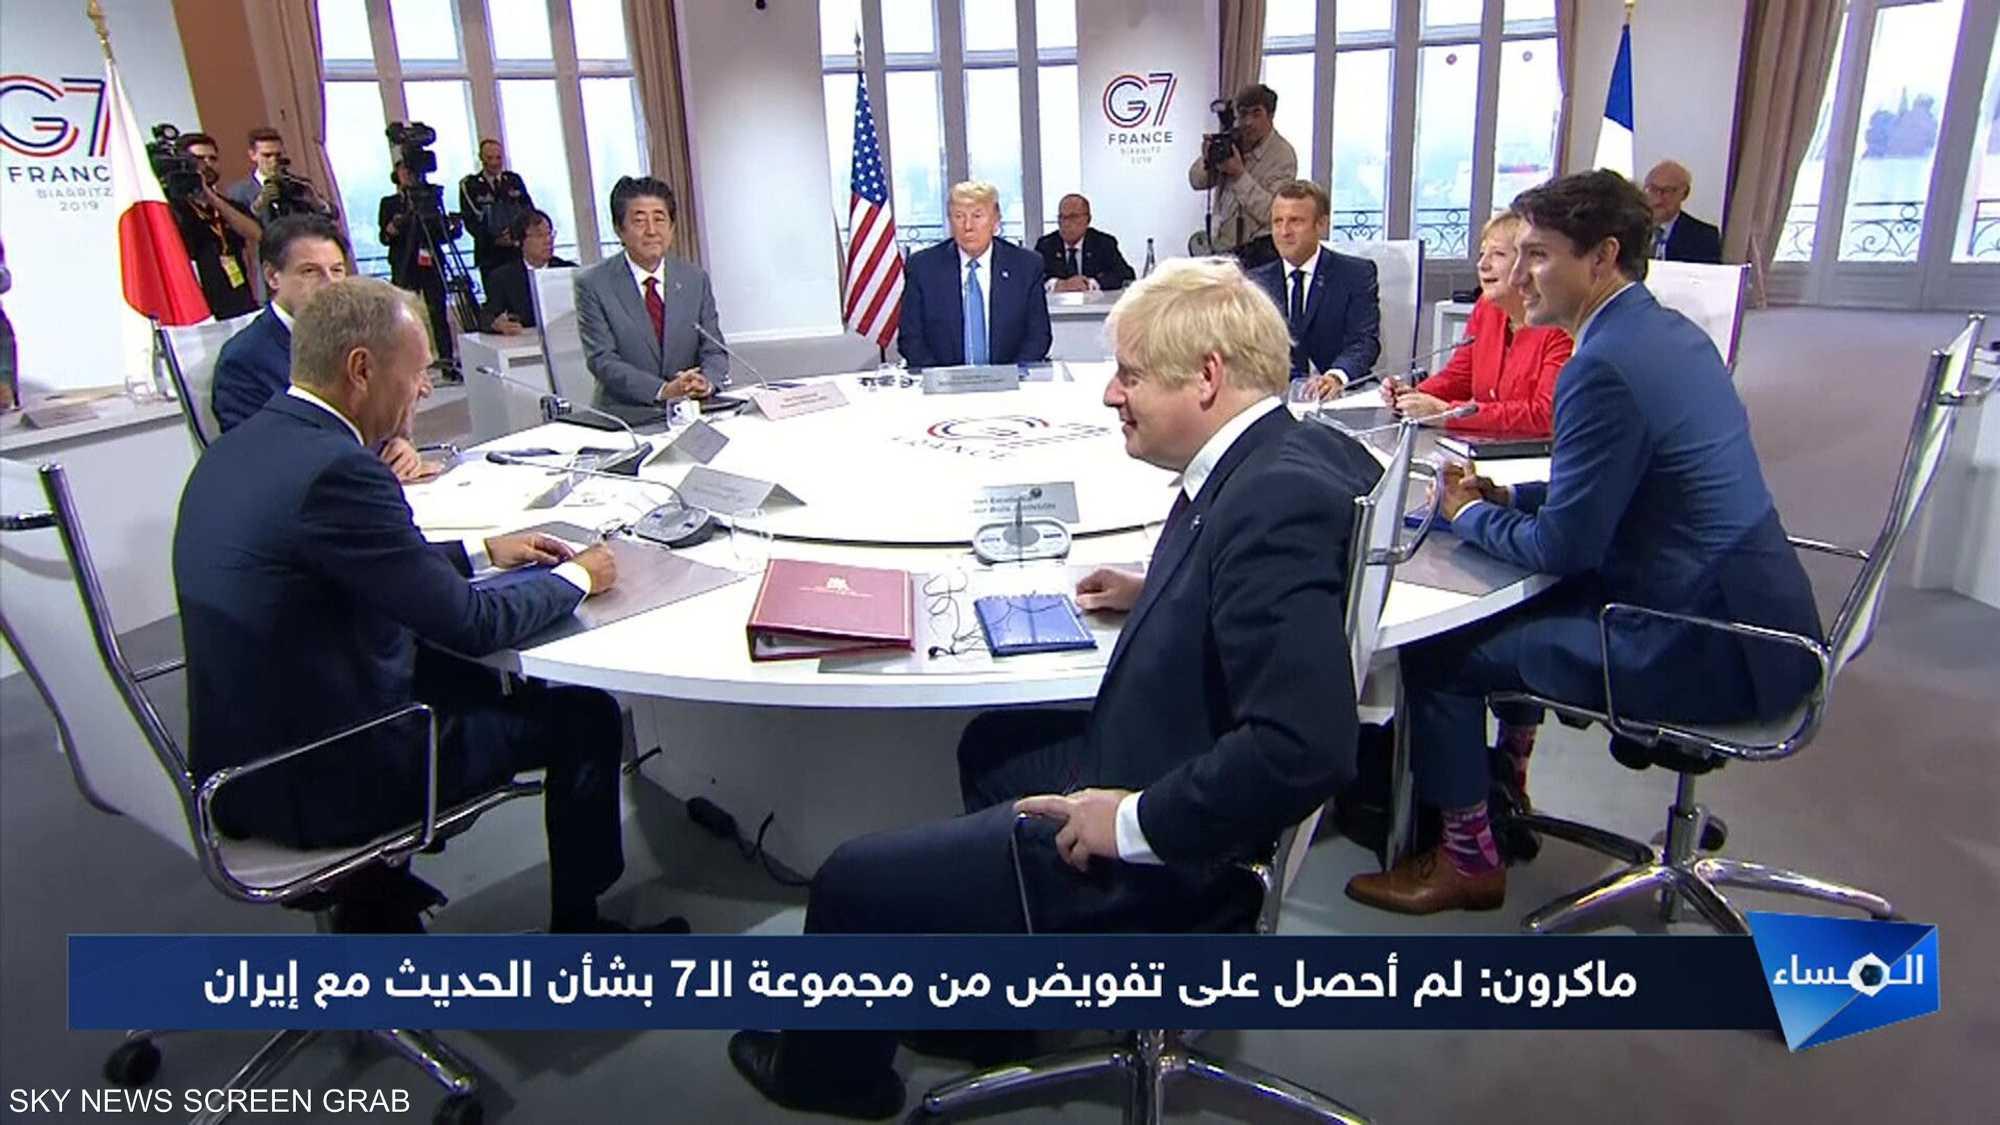 وصول جواد ظريف لمقر قمة مجموعة الـ7 في فرنسا